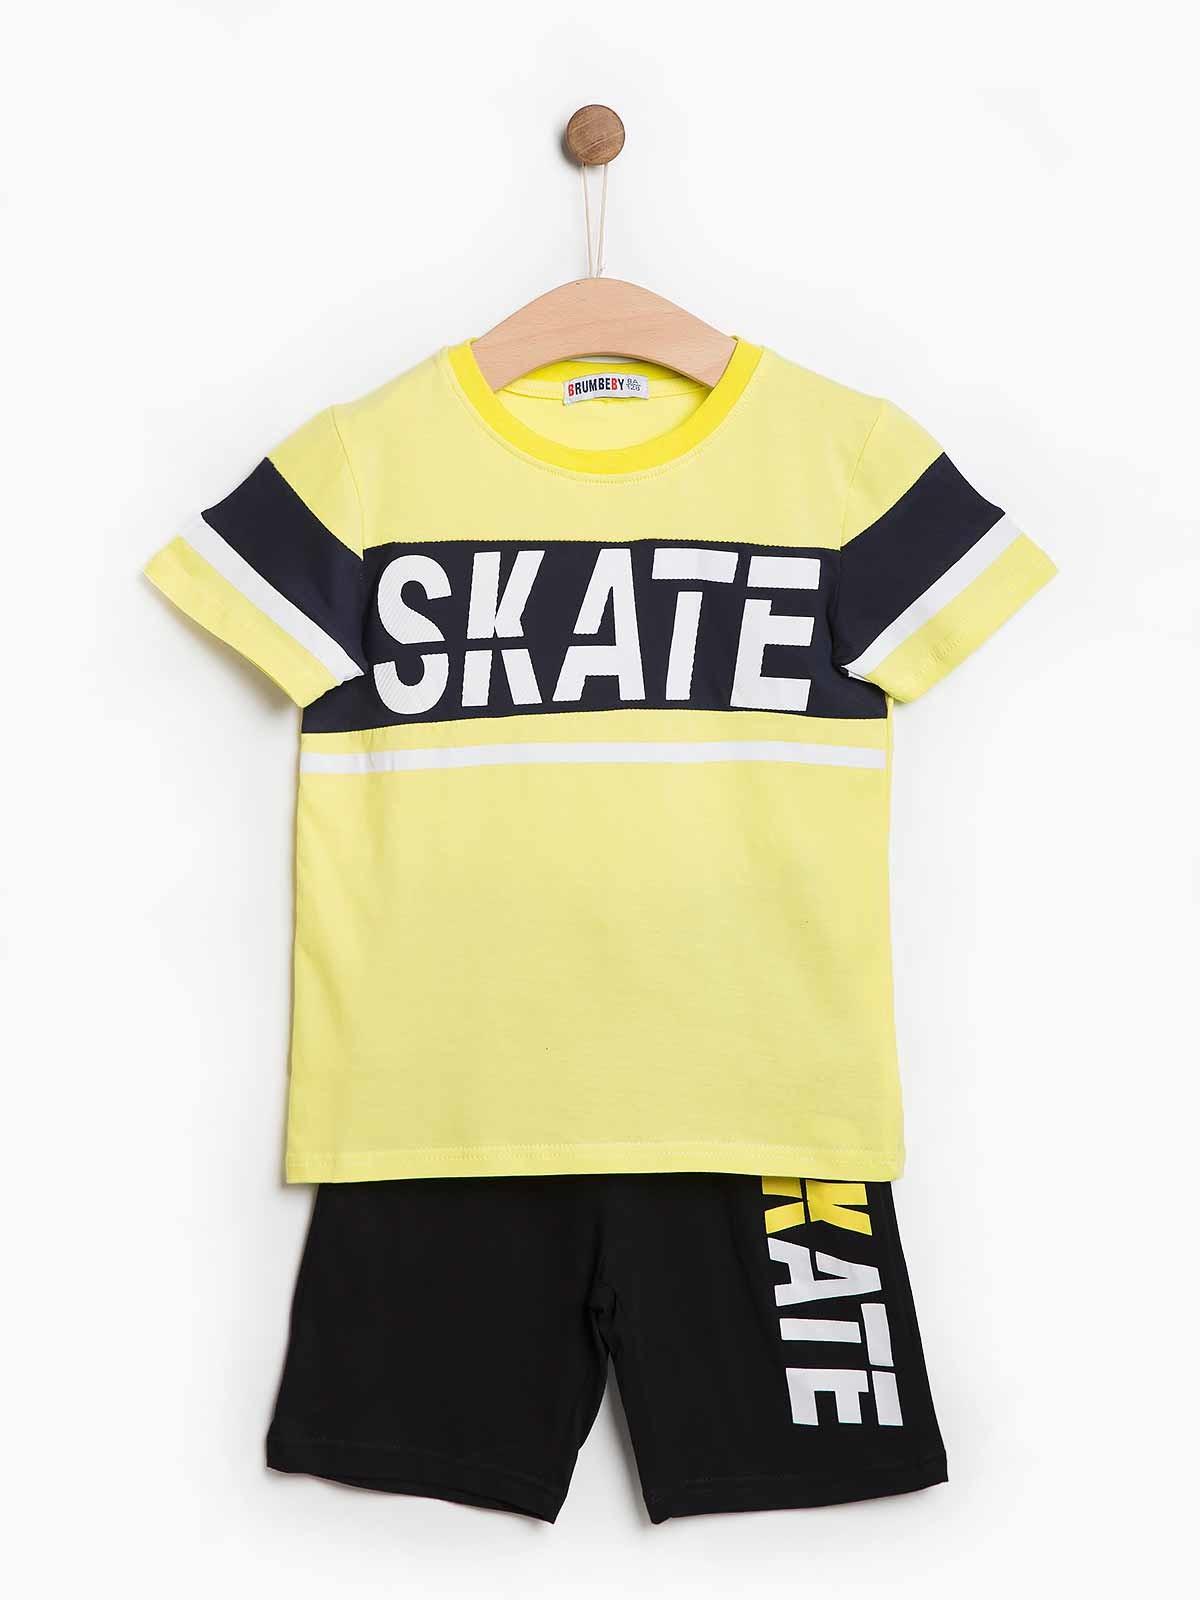 Conjunto calção t-shirt Skate